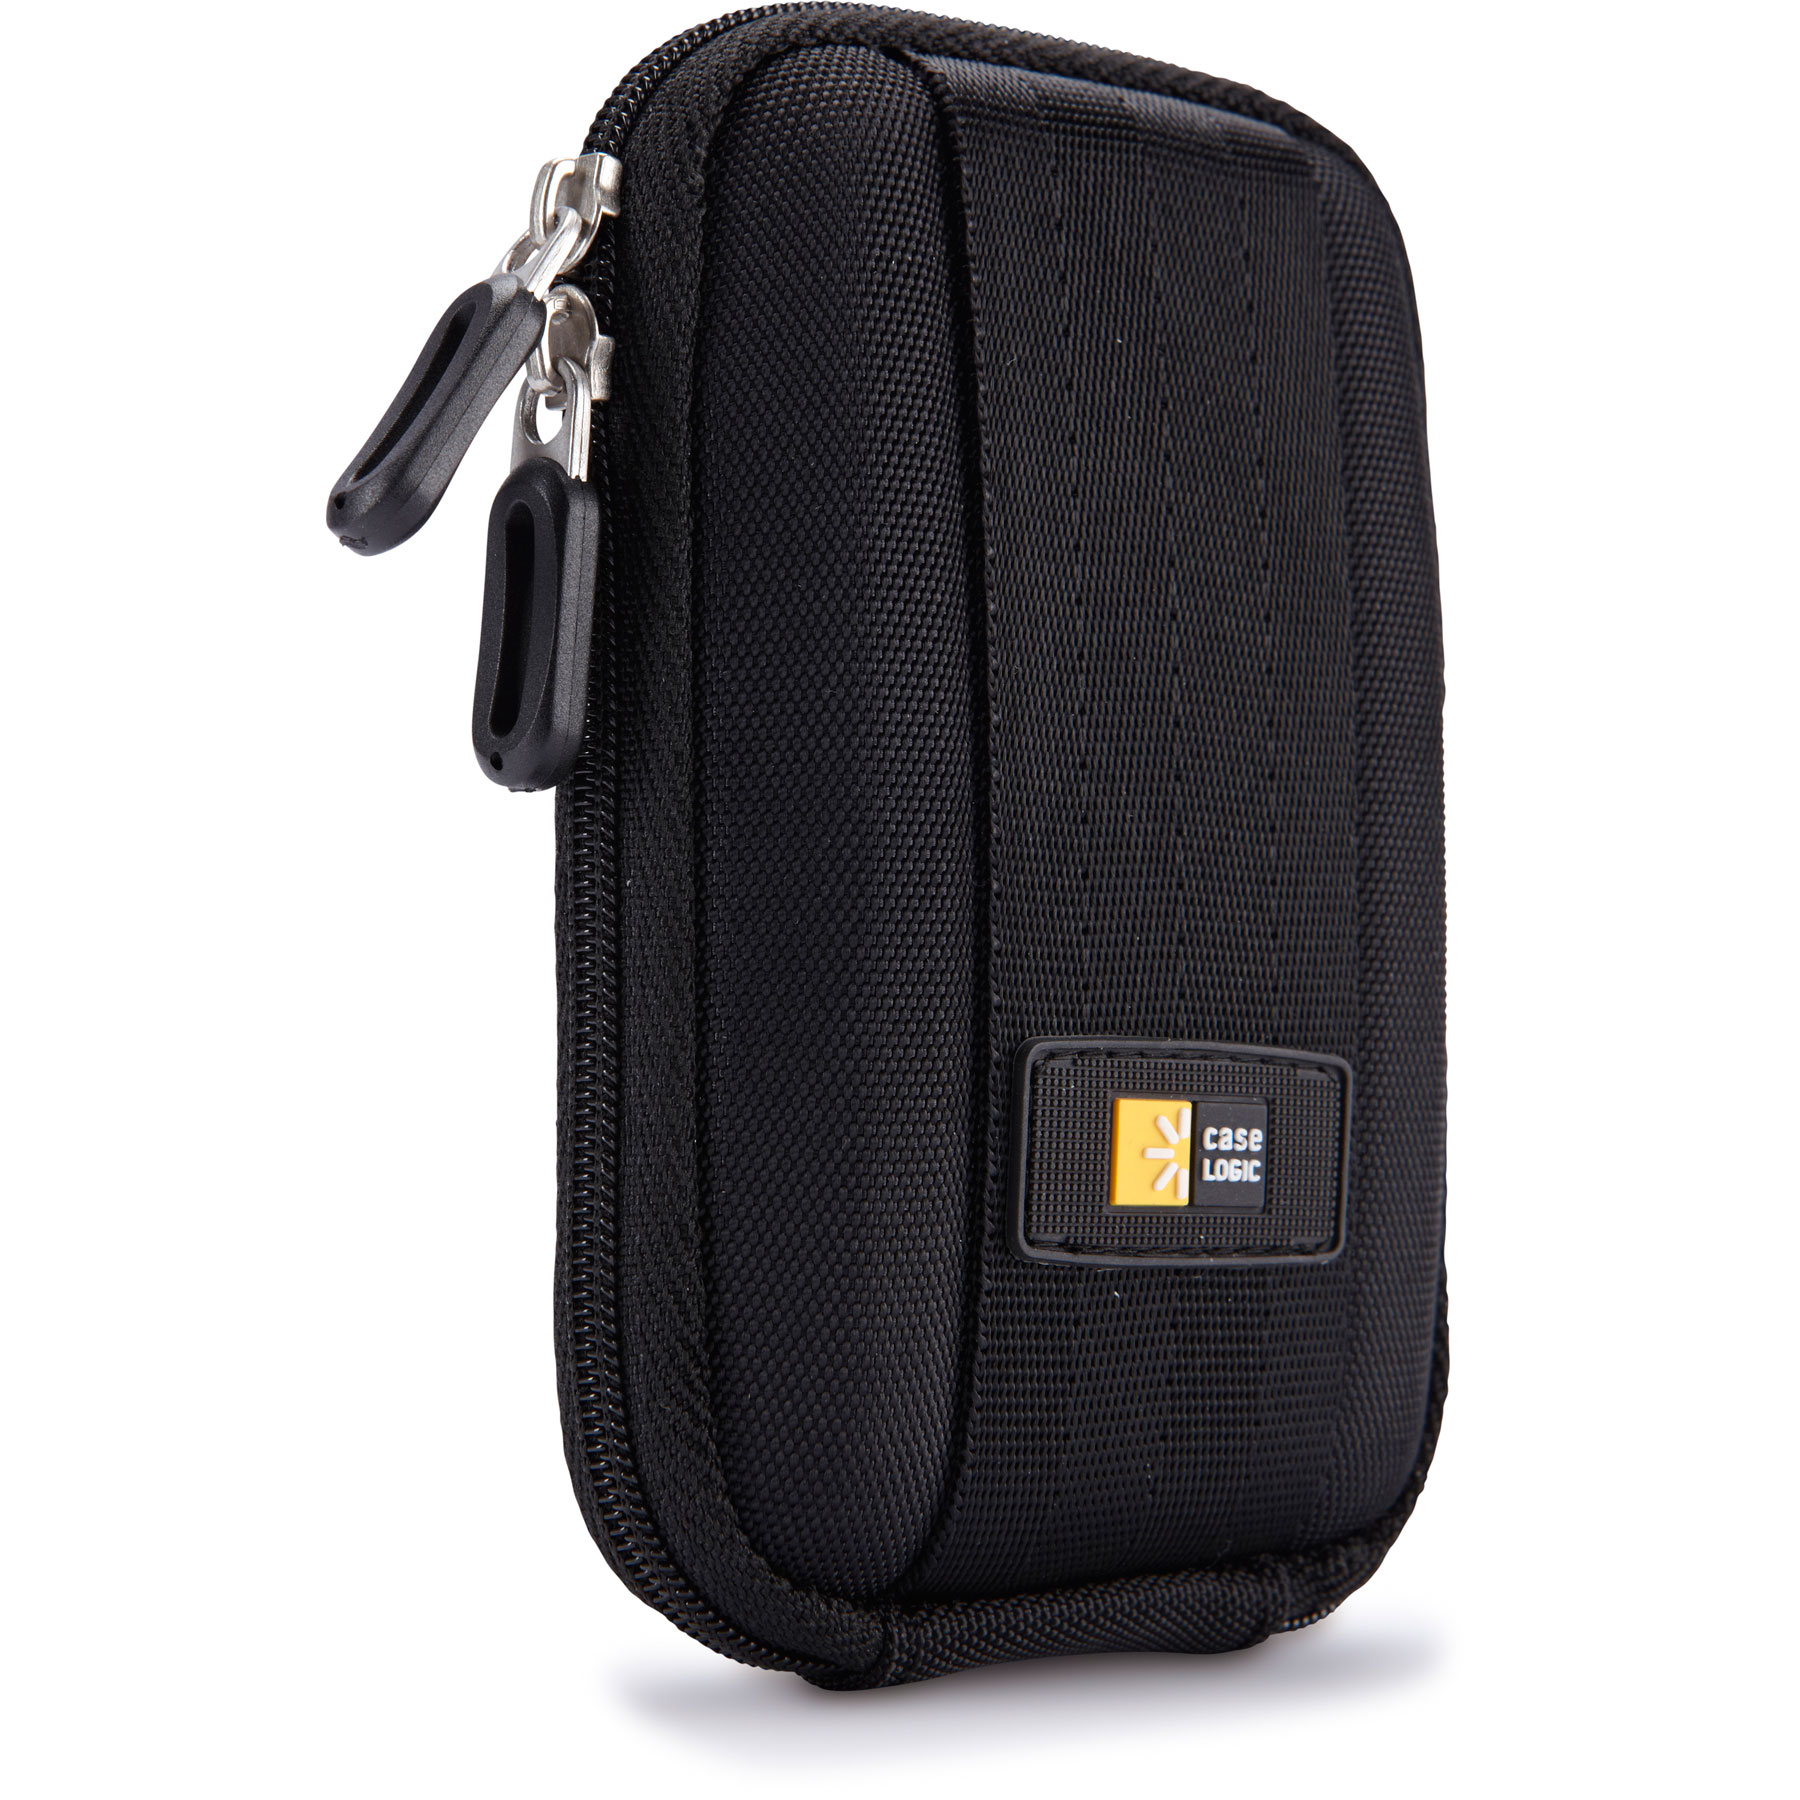 Sac & étui photo Case Logic QPB-301 (noir) Étui semi-rigide pour appareil photo compact (coloris noir)